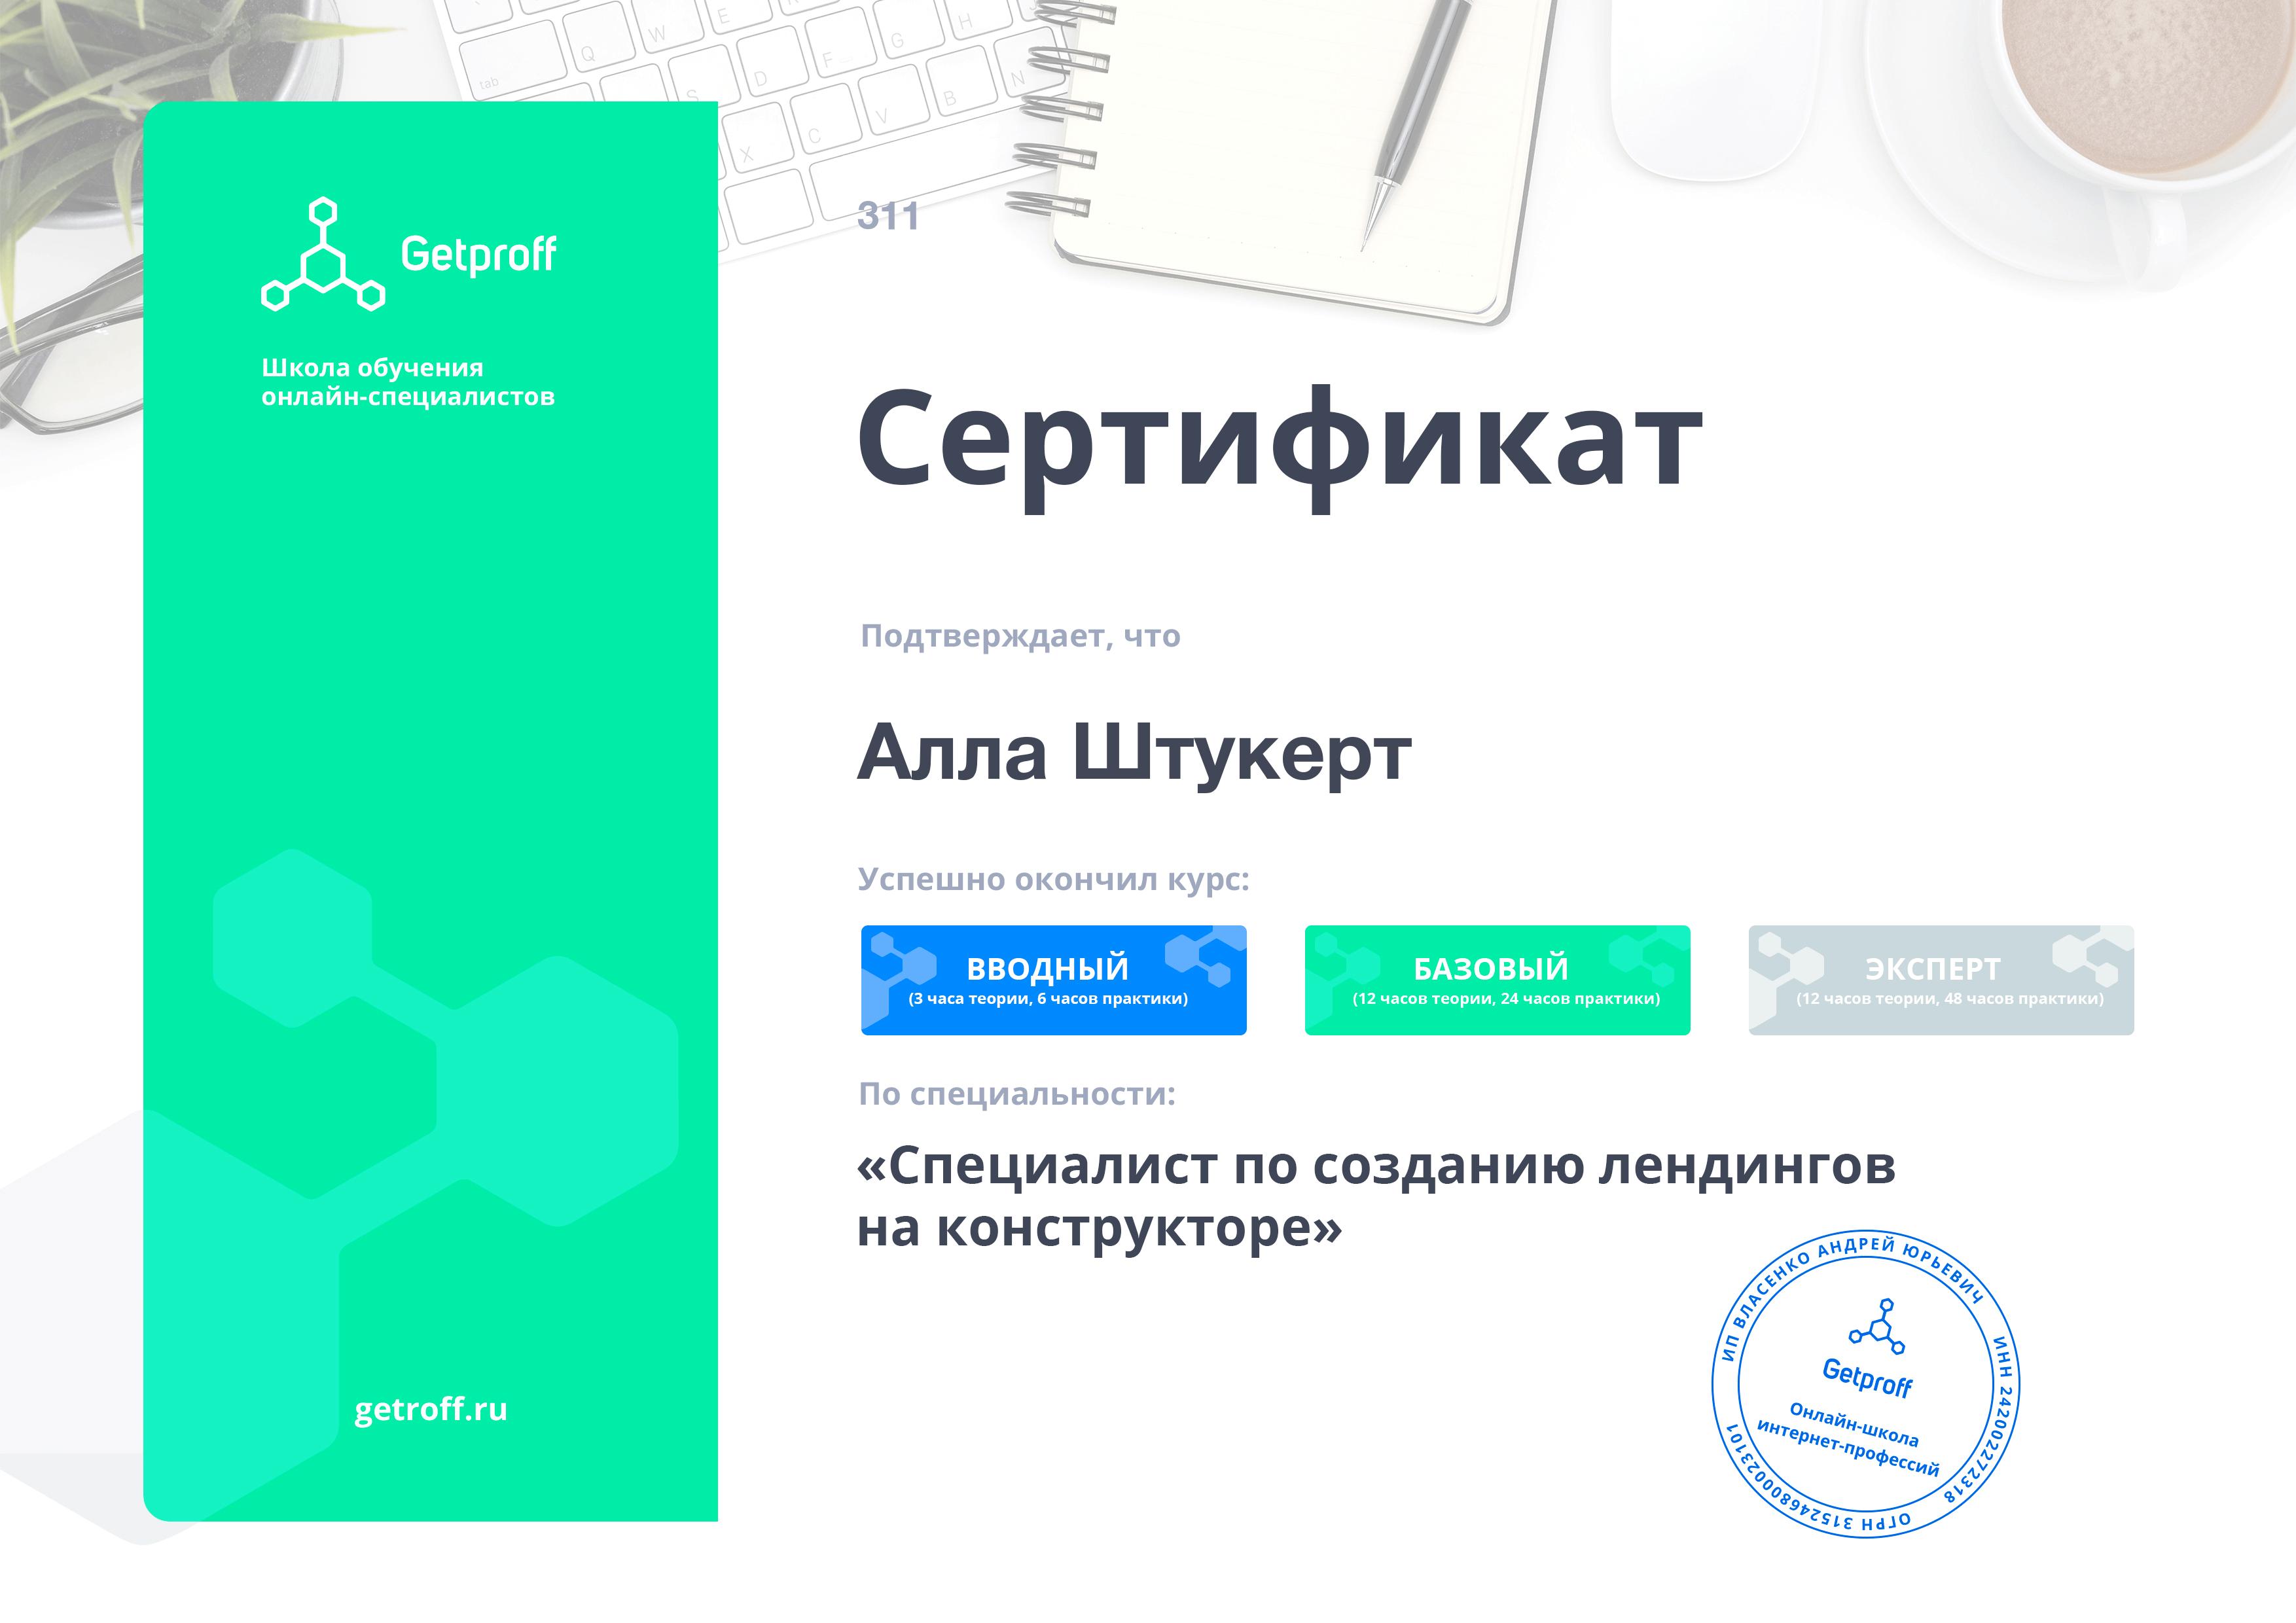 создание лендингов на конструкторе сертификат